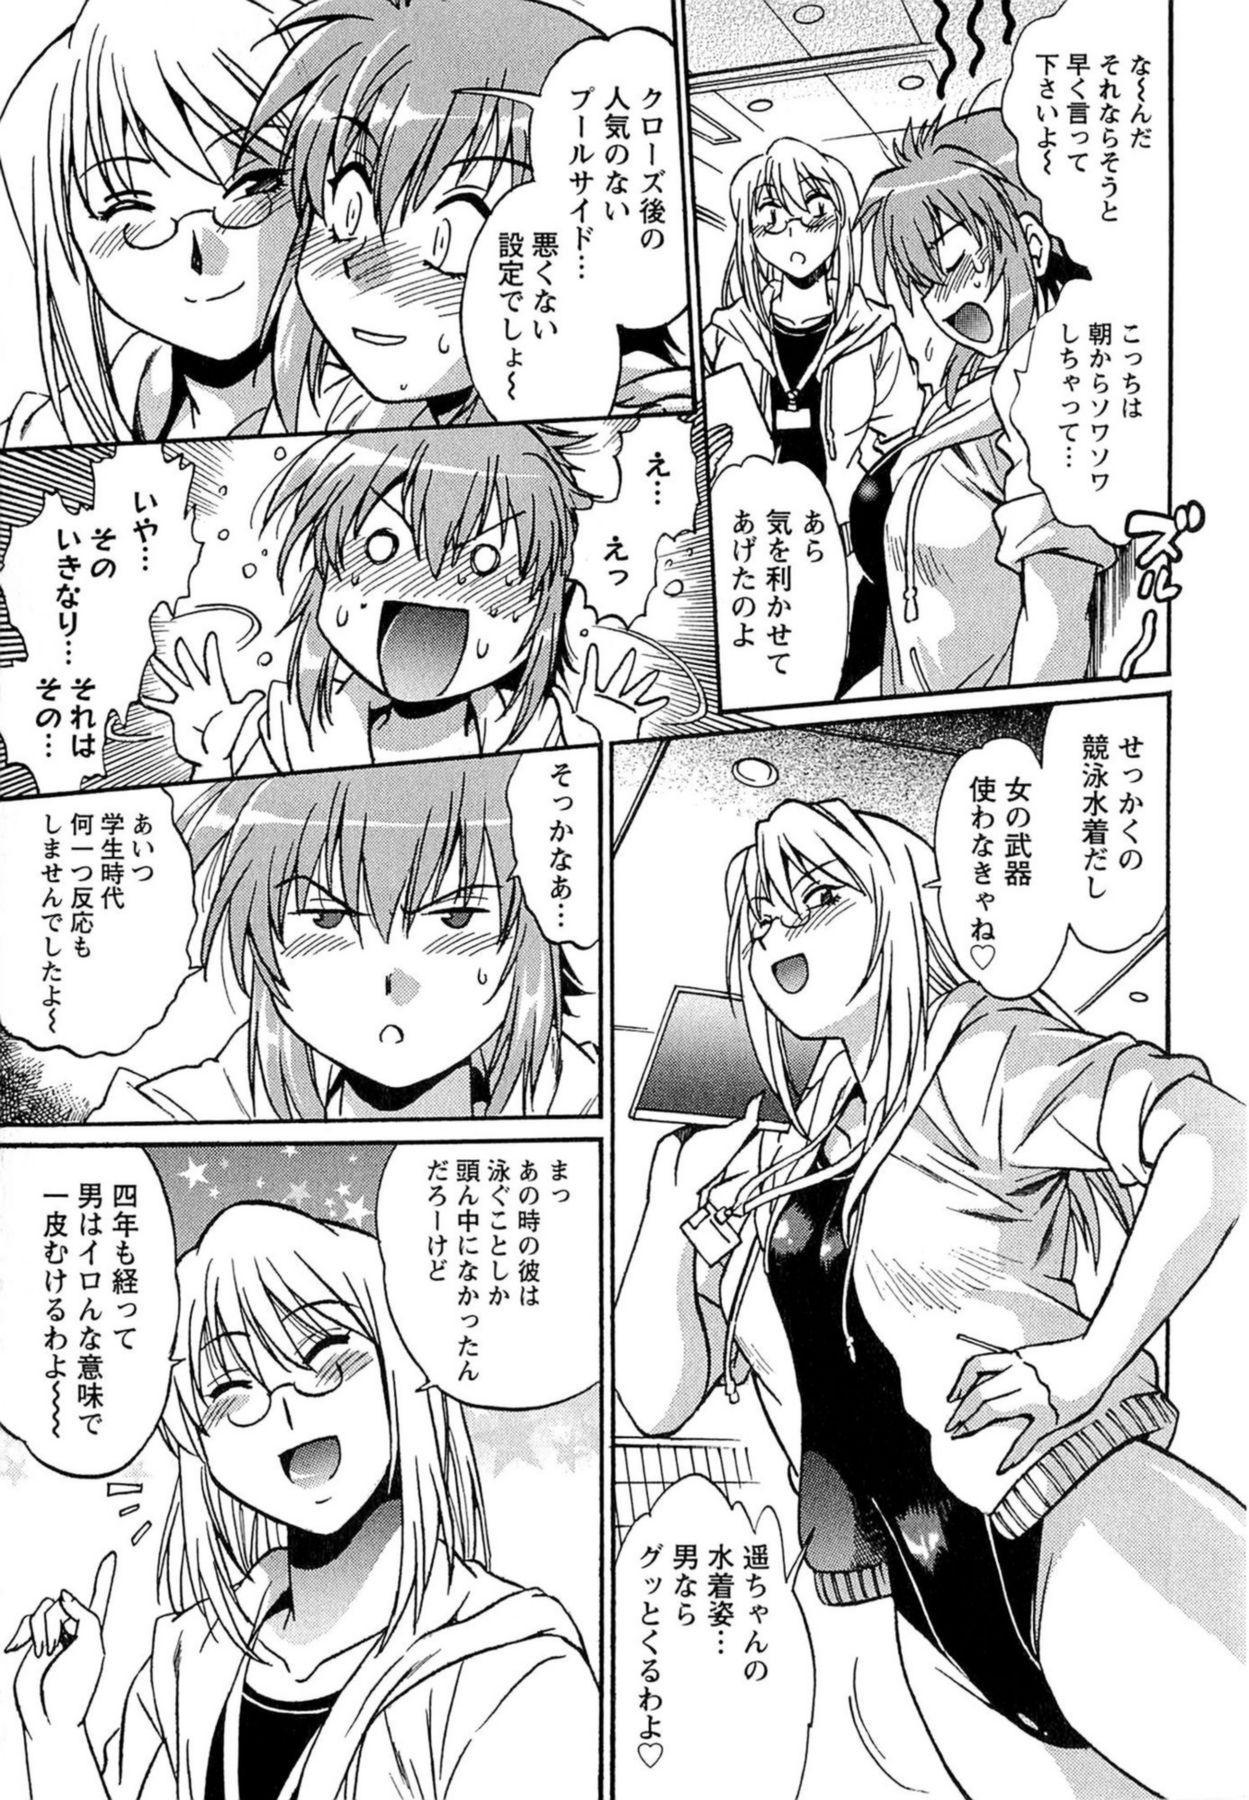 Kuikomi wo Naoshiteru Hima wa Nai! Vol. 1 11